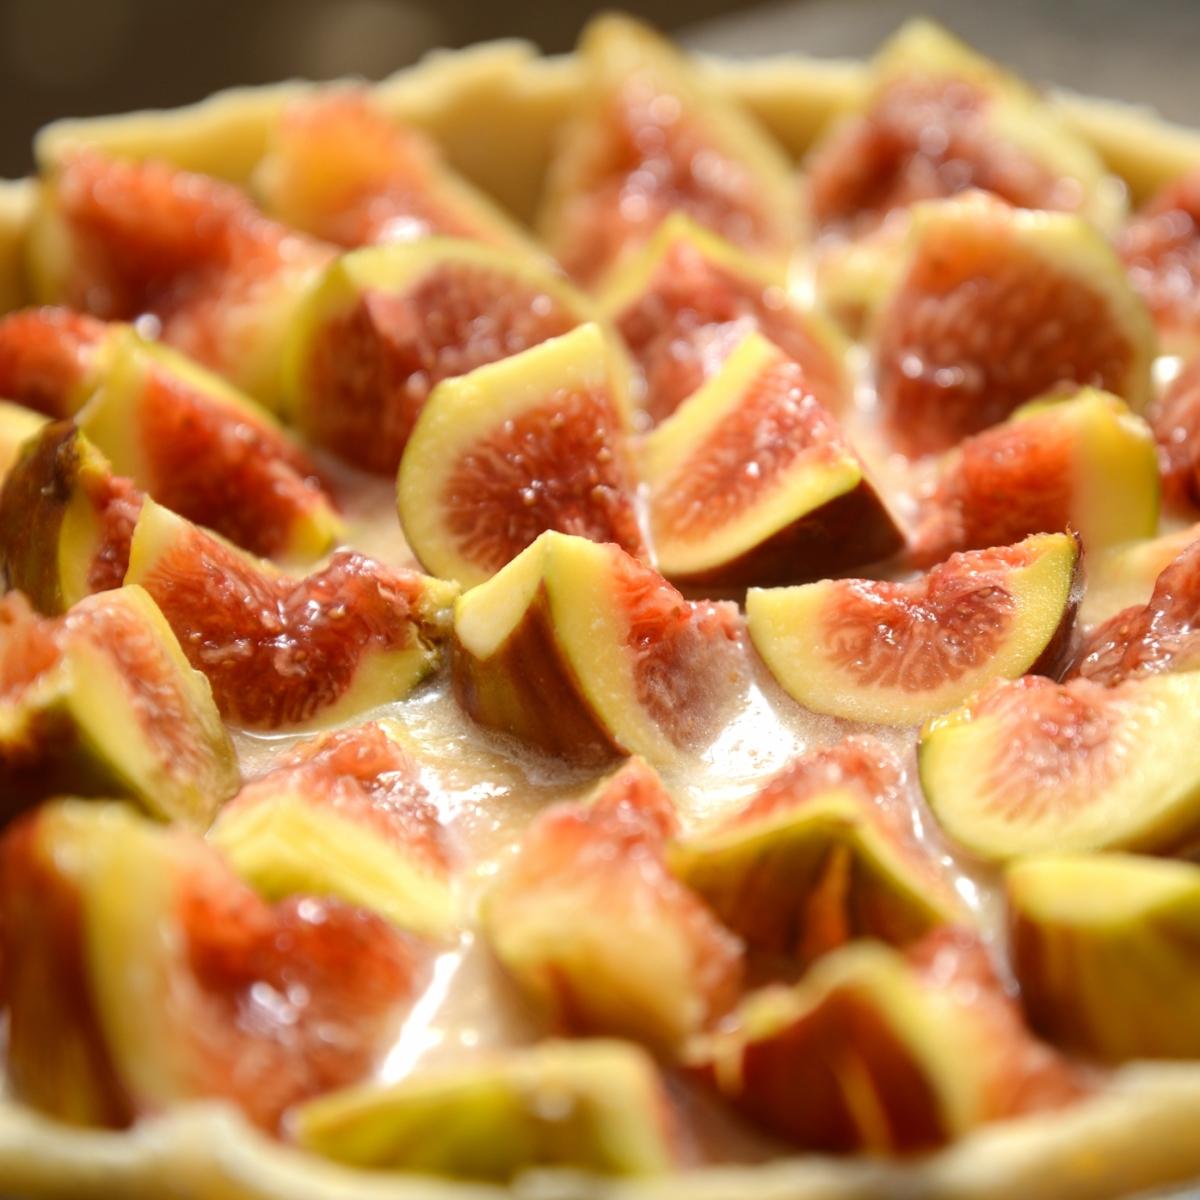 Торт с инжиром (смоковница, инжир, фига, винная ягода)